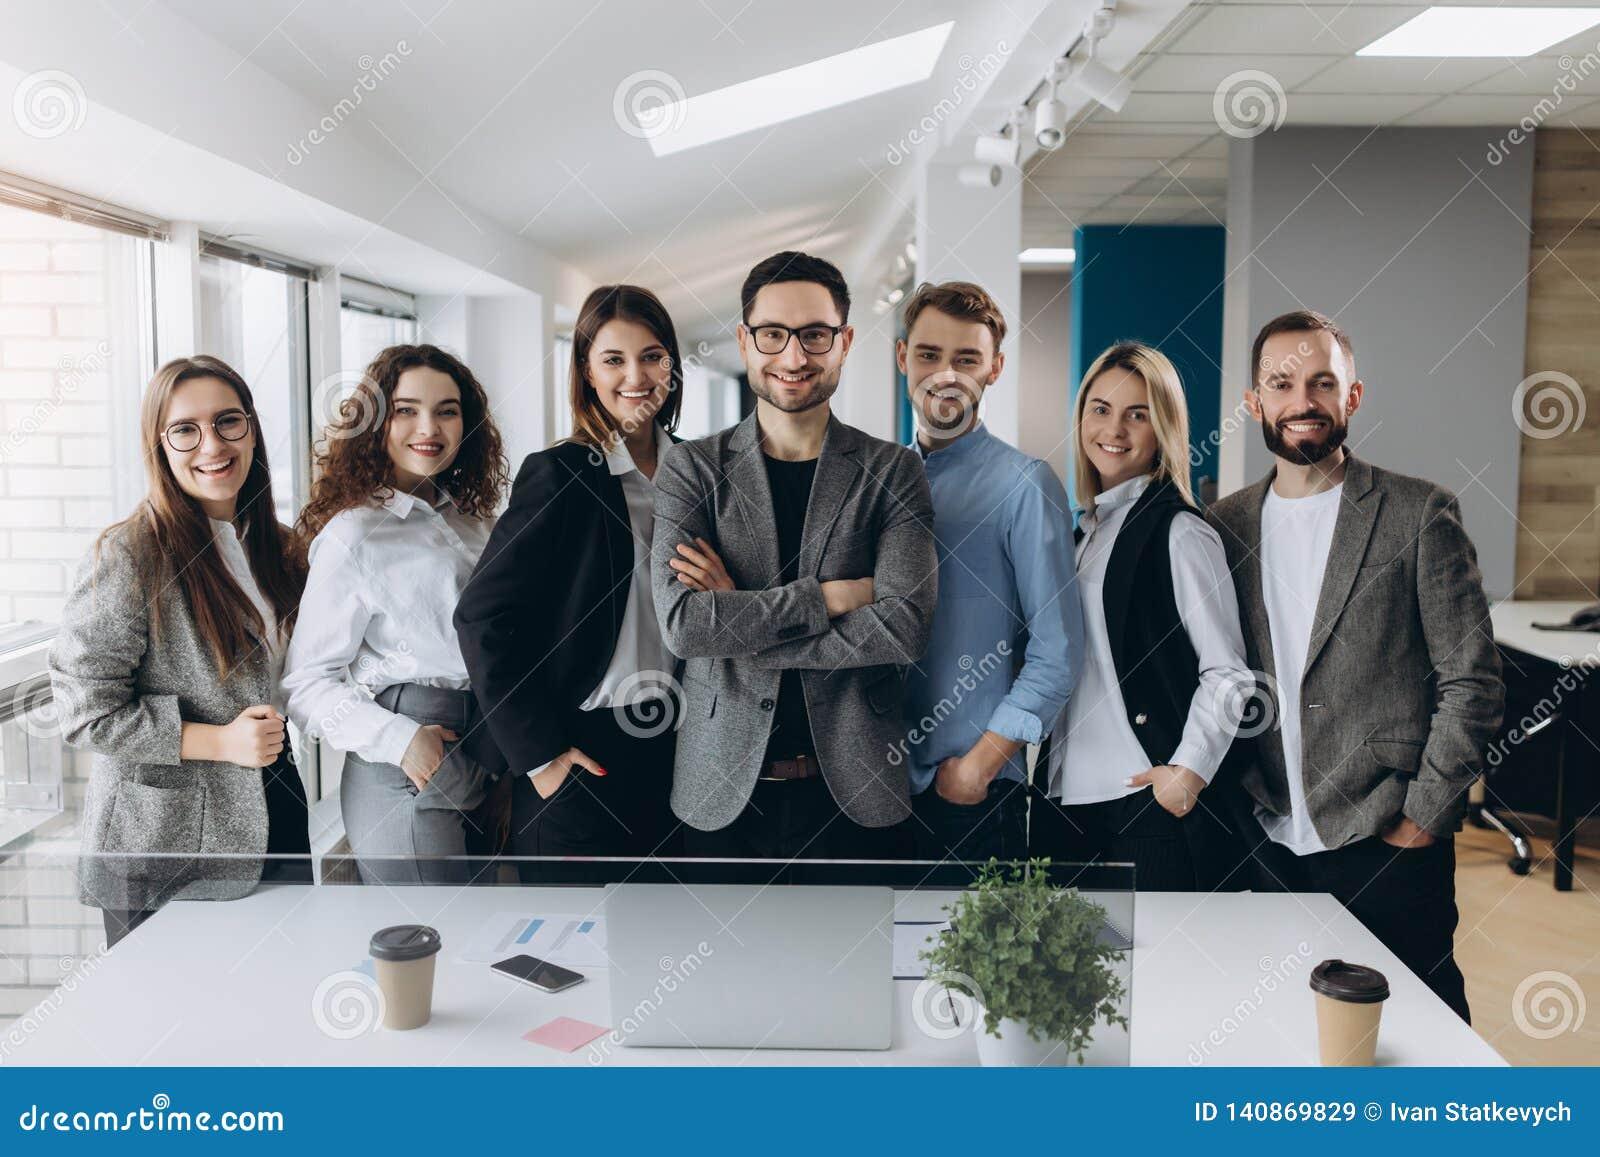 Retrato de un grupo sonriente de colegas corporativos diversos que se colocan en fila junto en una oficina moderna brillante